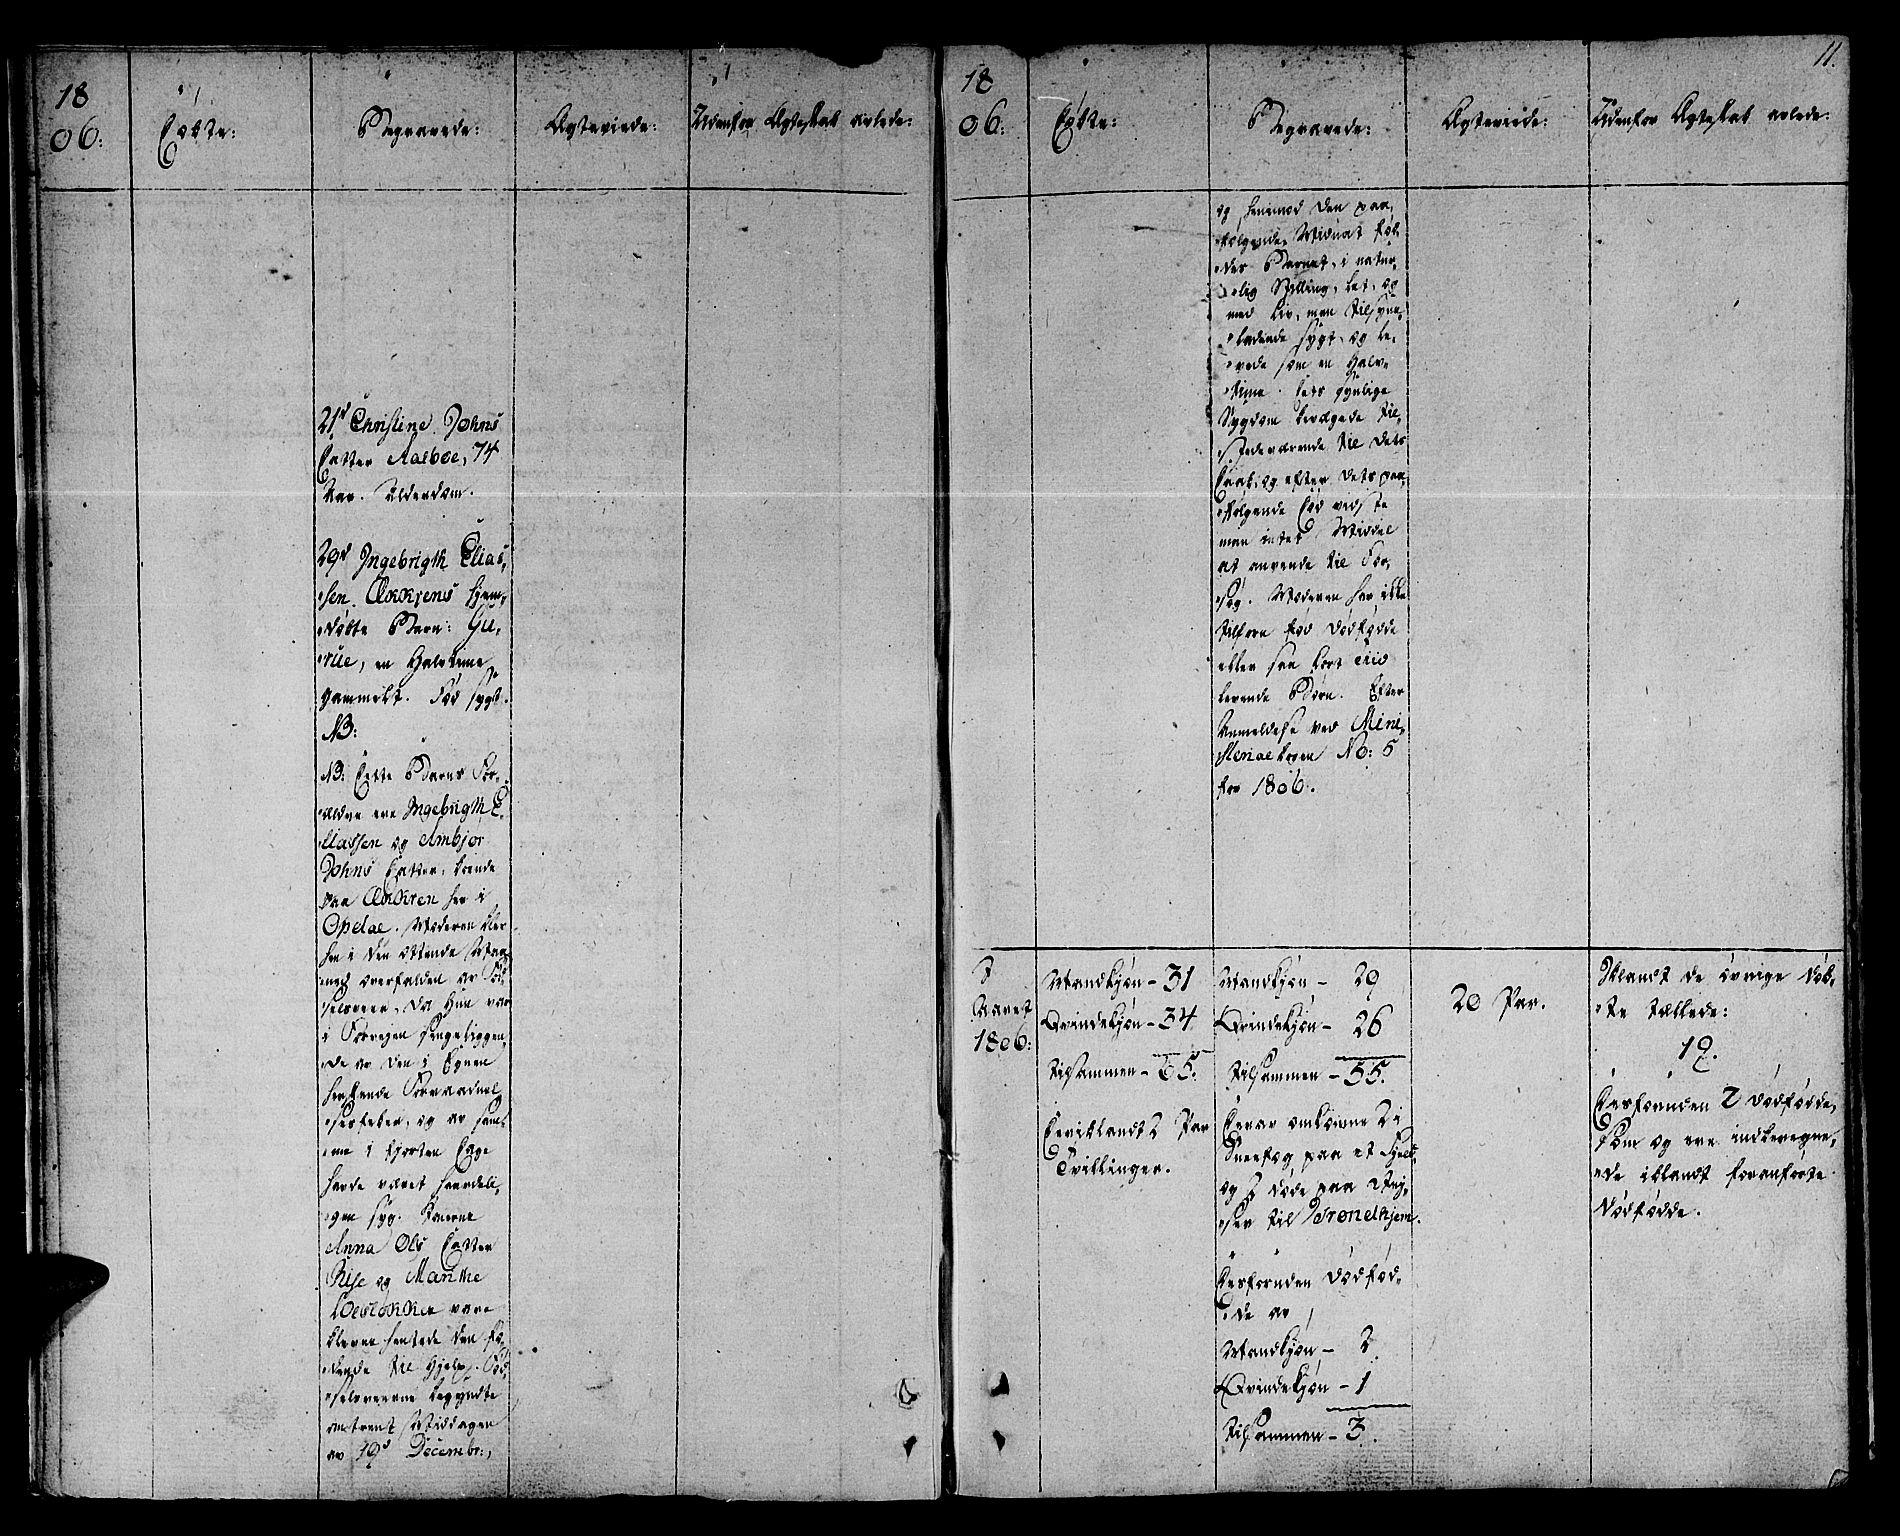 SAT, Ministerialprotokoller, klokkerbøker og fødselsregistre - Sør-Trøndelag, 678/L0894: Ministerialbok nr. 678A04, 1806-1815, s. 11